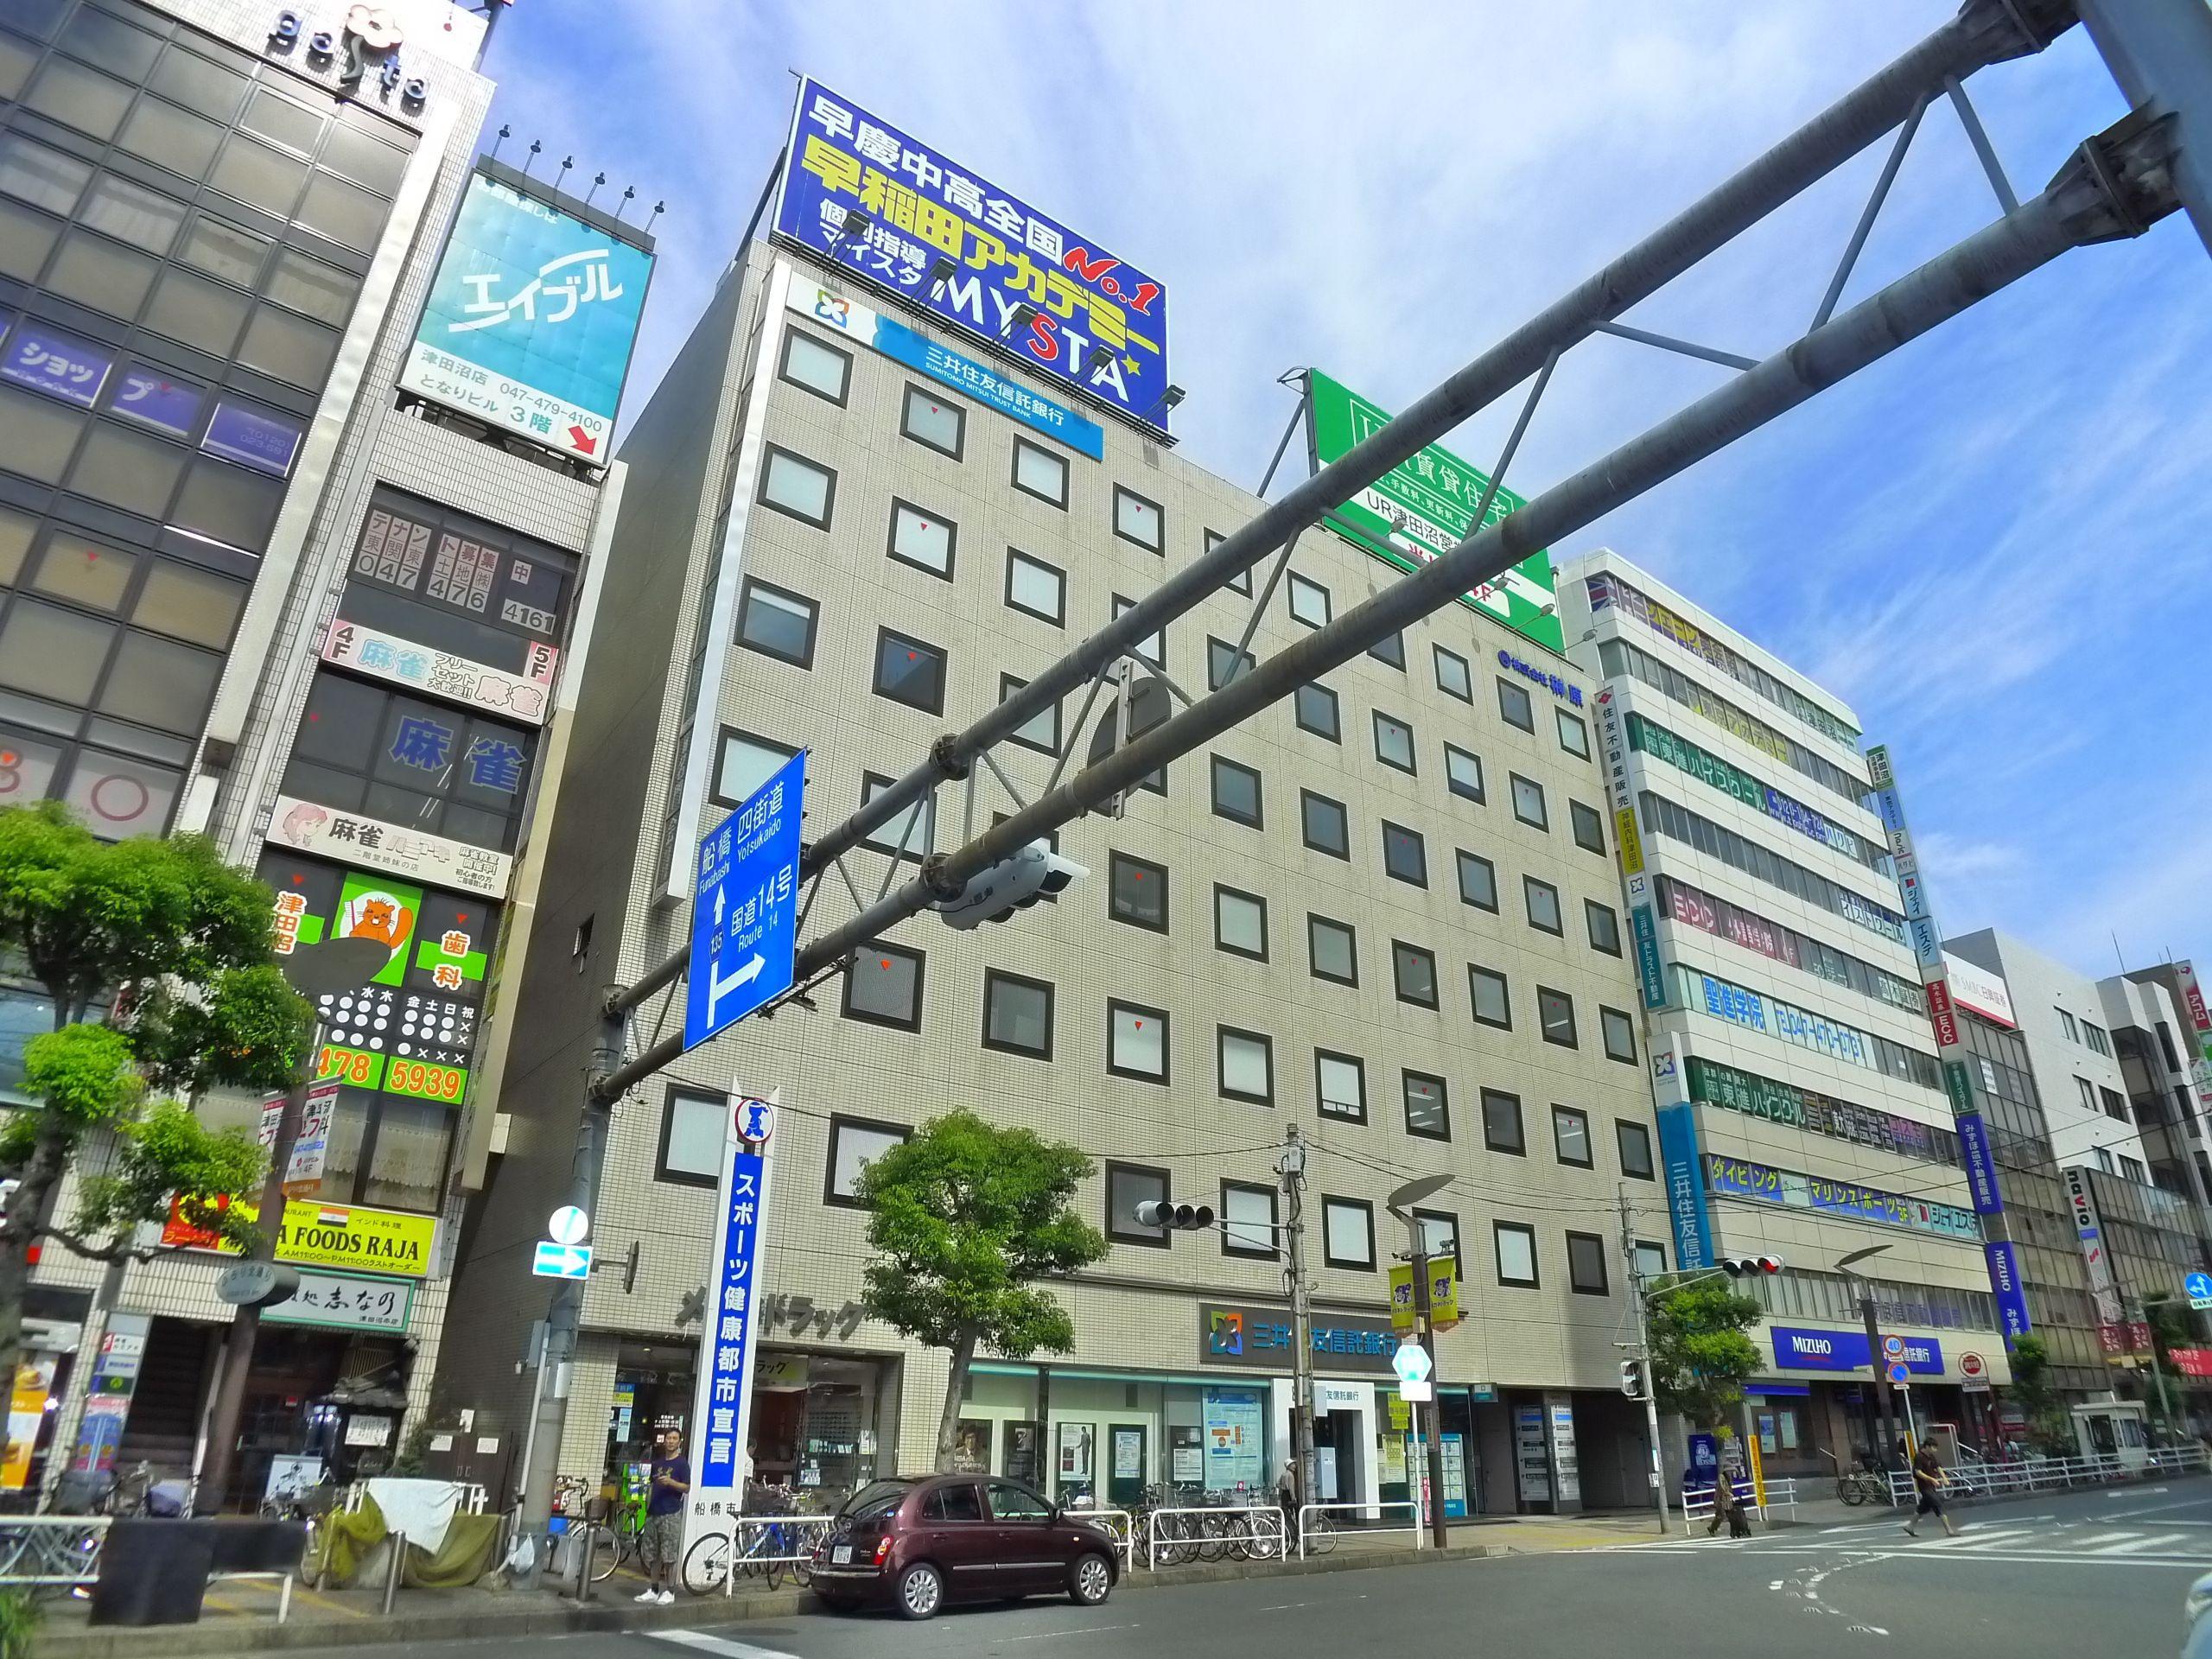 津田沼駅(千葉県)の不動産会社...